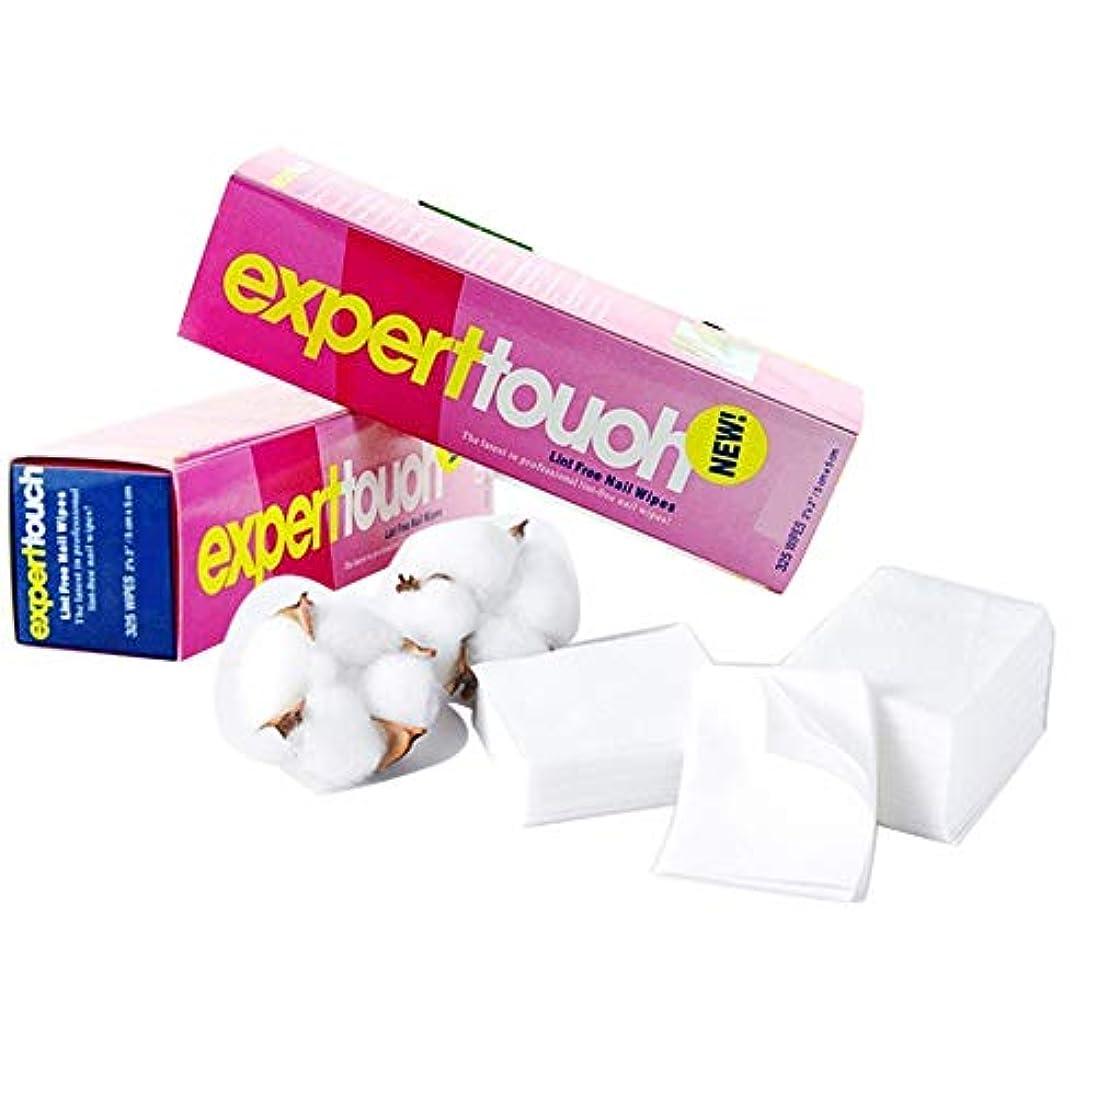 分数暴露するプレゼンテーションVi.yo ネイル ワイプ コットン 天然素材 不織布 ジェルの拭き取り 油分除去 クリーニング 320枚以上